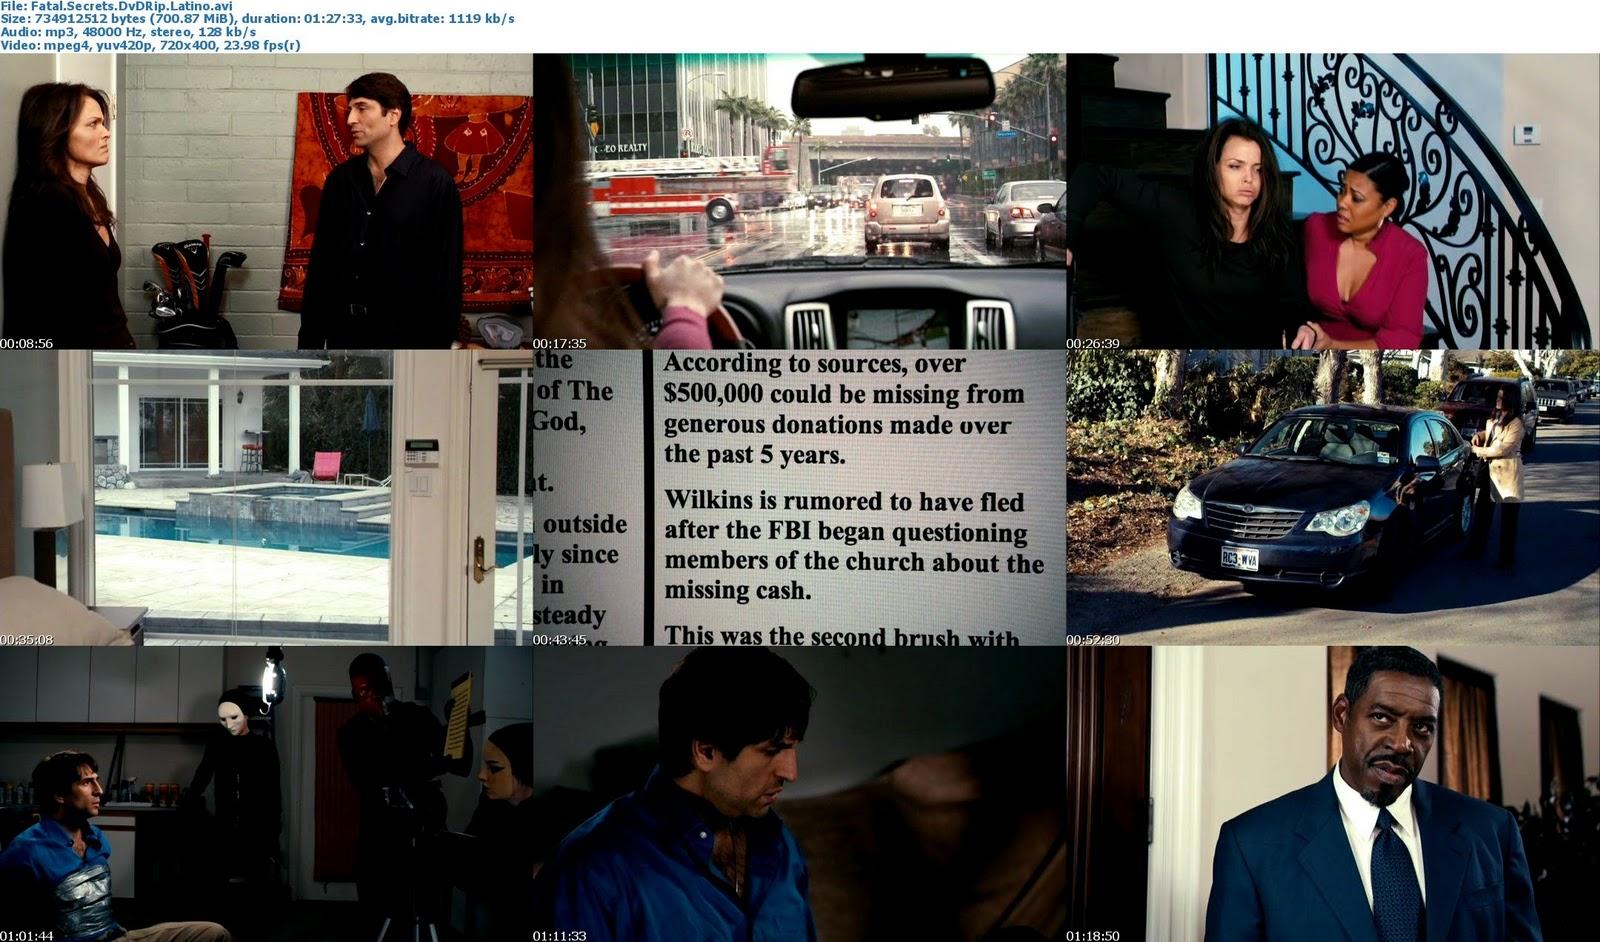 http://4.bp.blogspot.com/-Etbj6UcIQgo/TyYUEos-HqI/AAAAAAAAFMI/ncbItsEU9kA/s1600/Fatal.Secrets.DvDRip.Latino_s.jpg